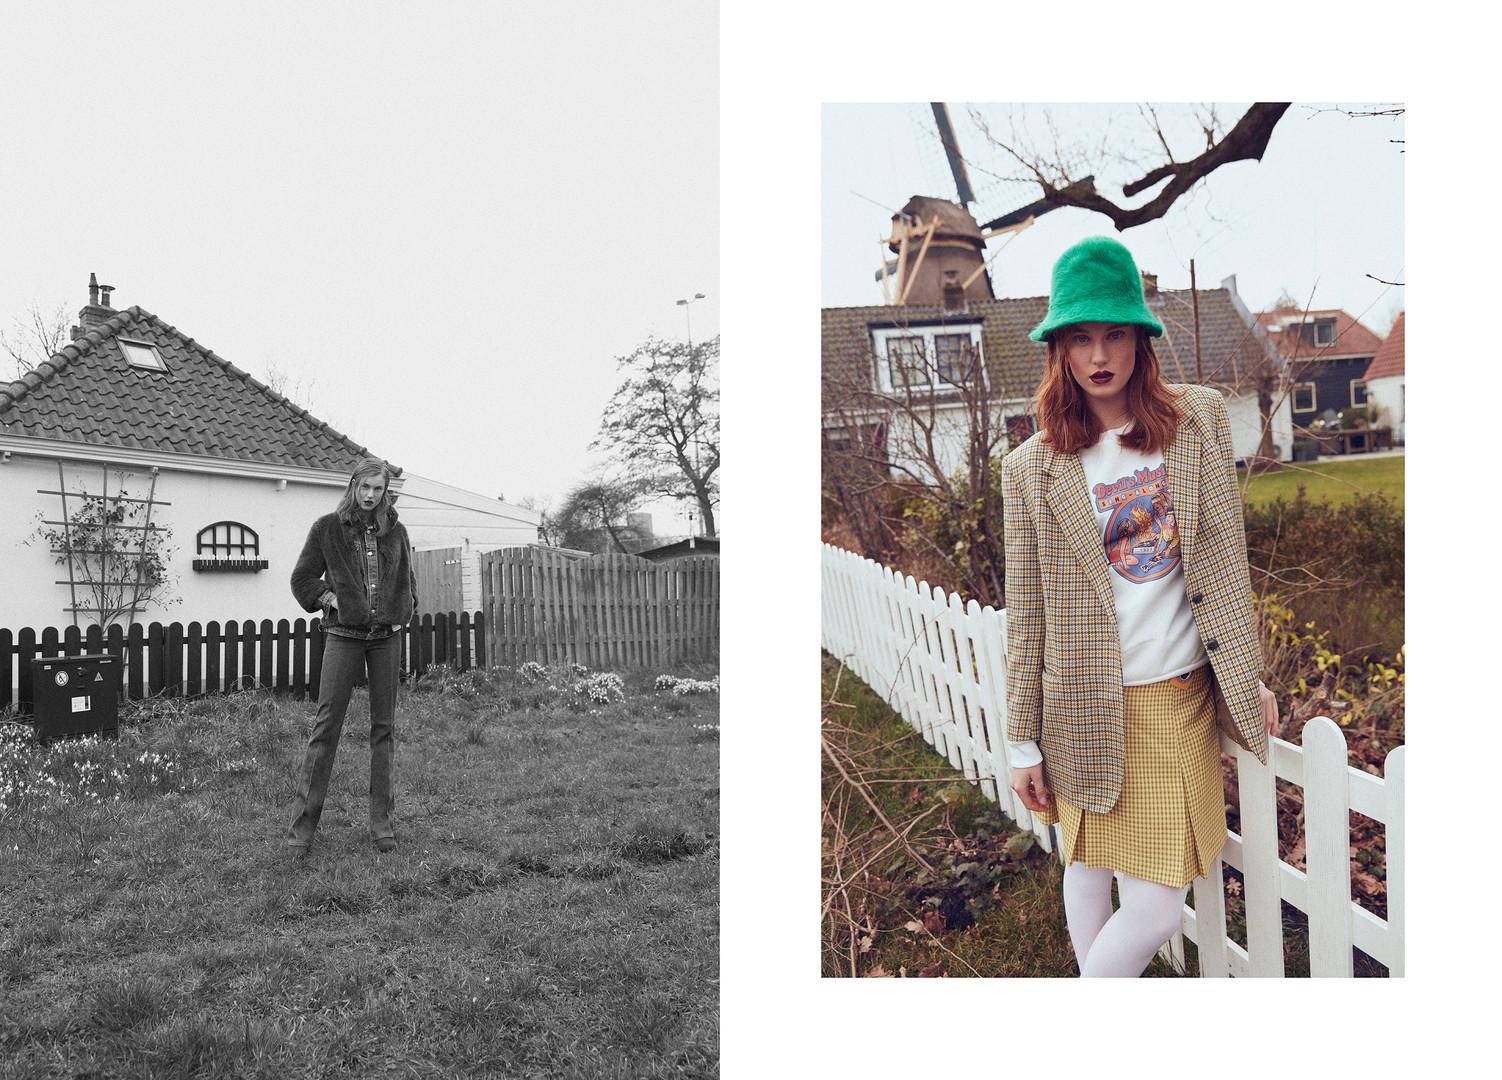 Jake_and_claud_Mode_Vintage7.jpg